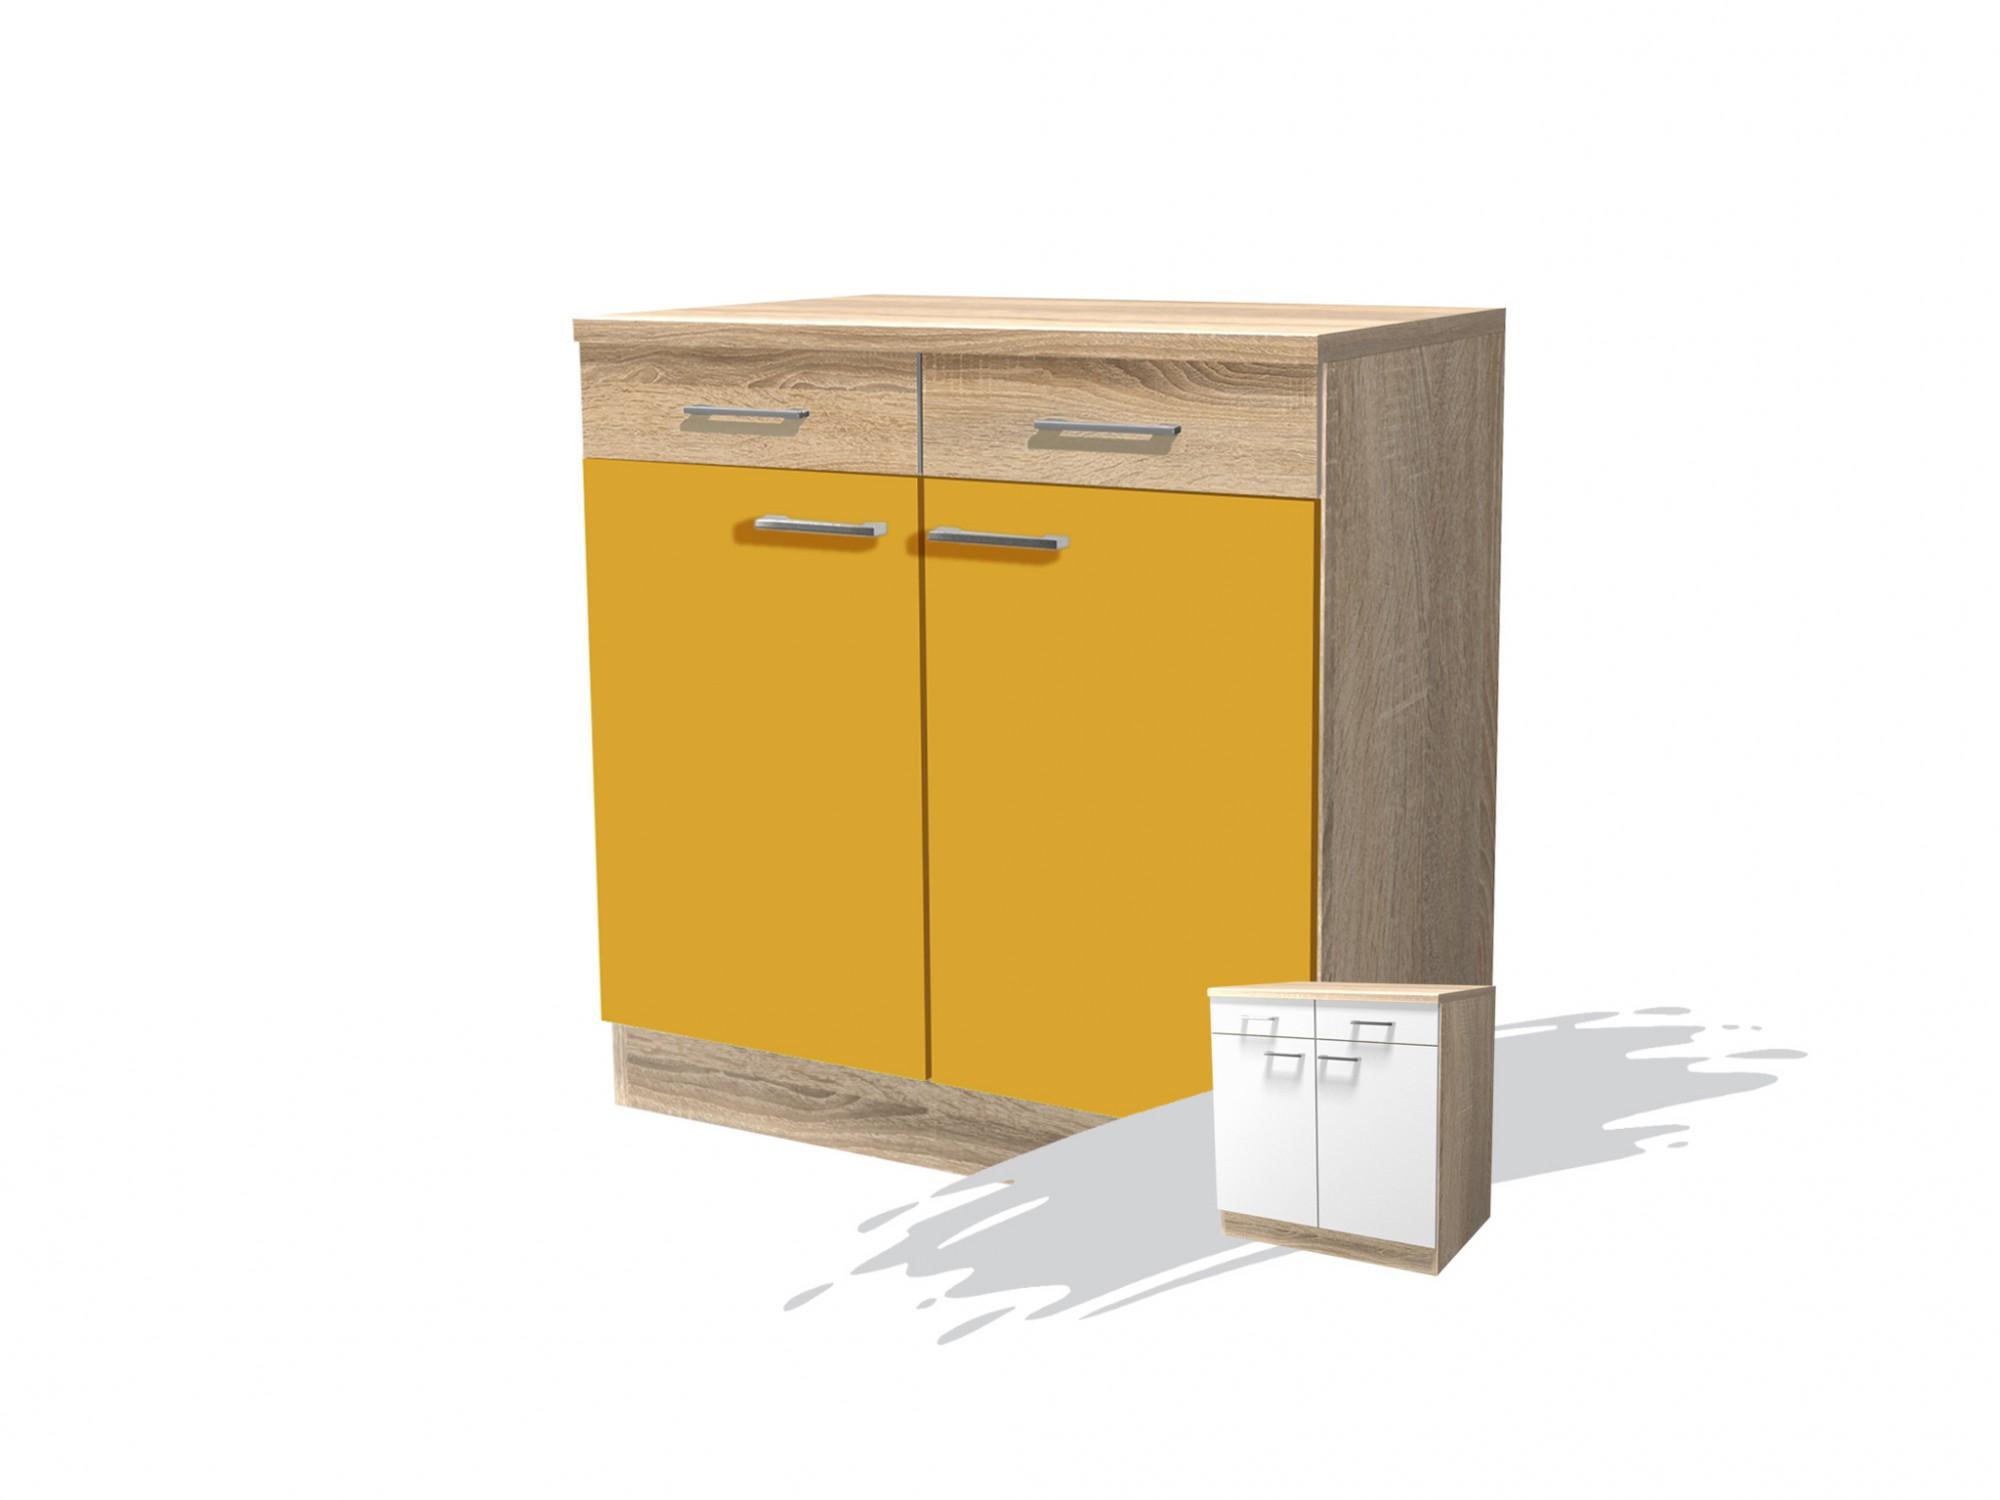 Küchen-Unterschrank ROM - 2-türig - 80 cm breit - Gelb Küche Küchen ...